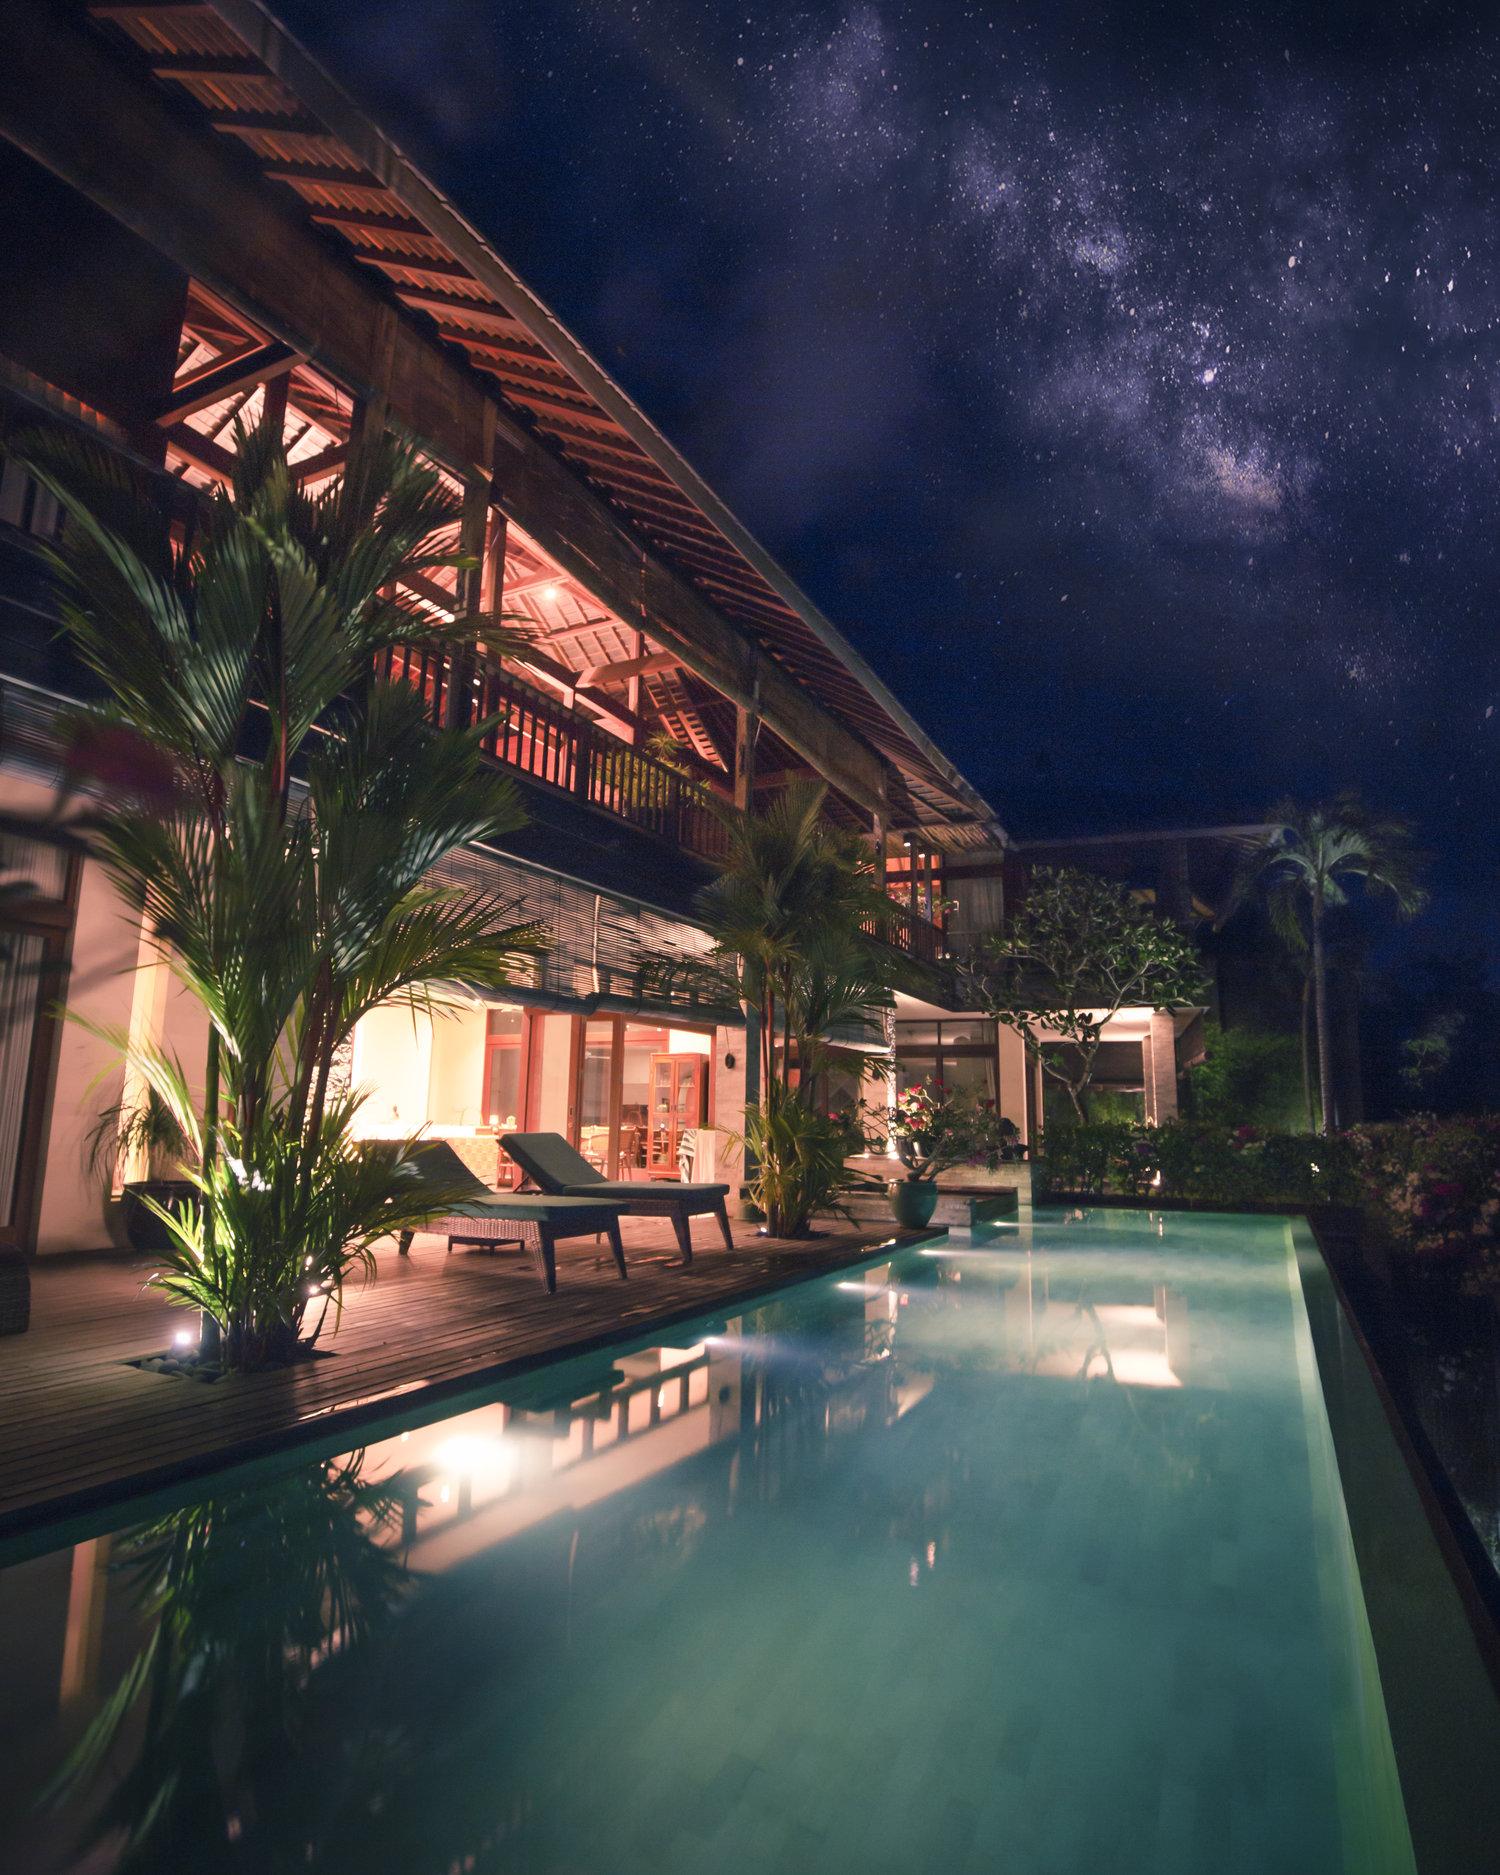 BALI VILLAS & HOTELS -